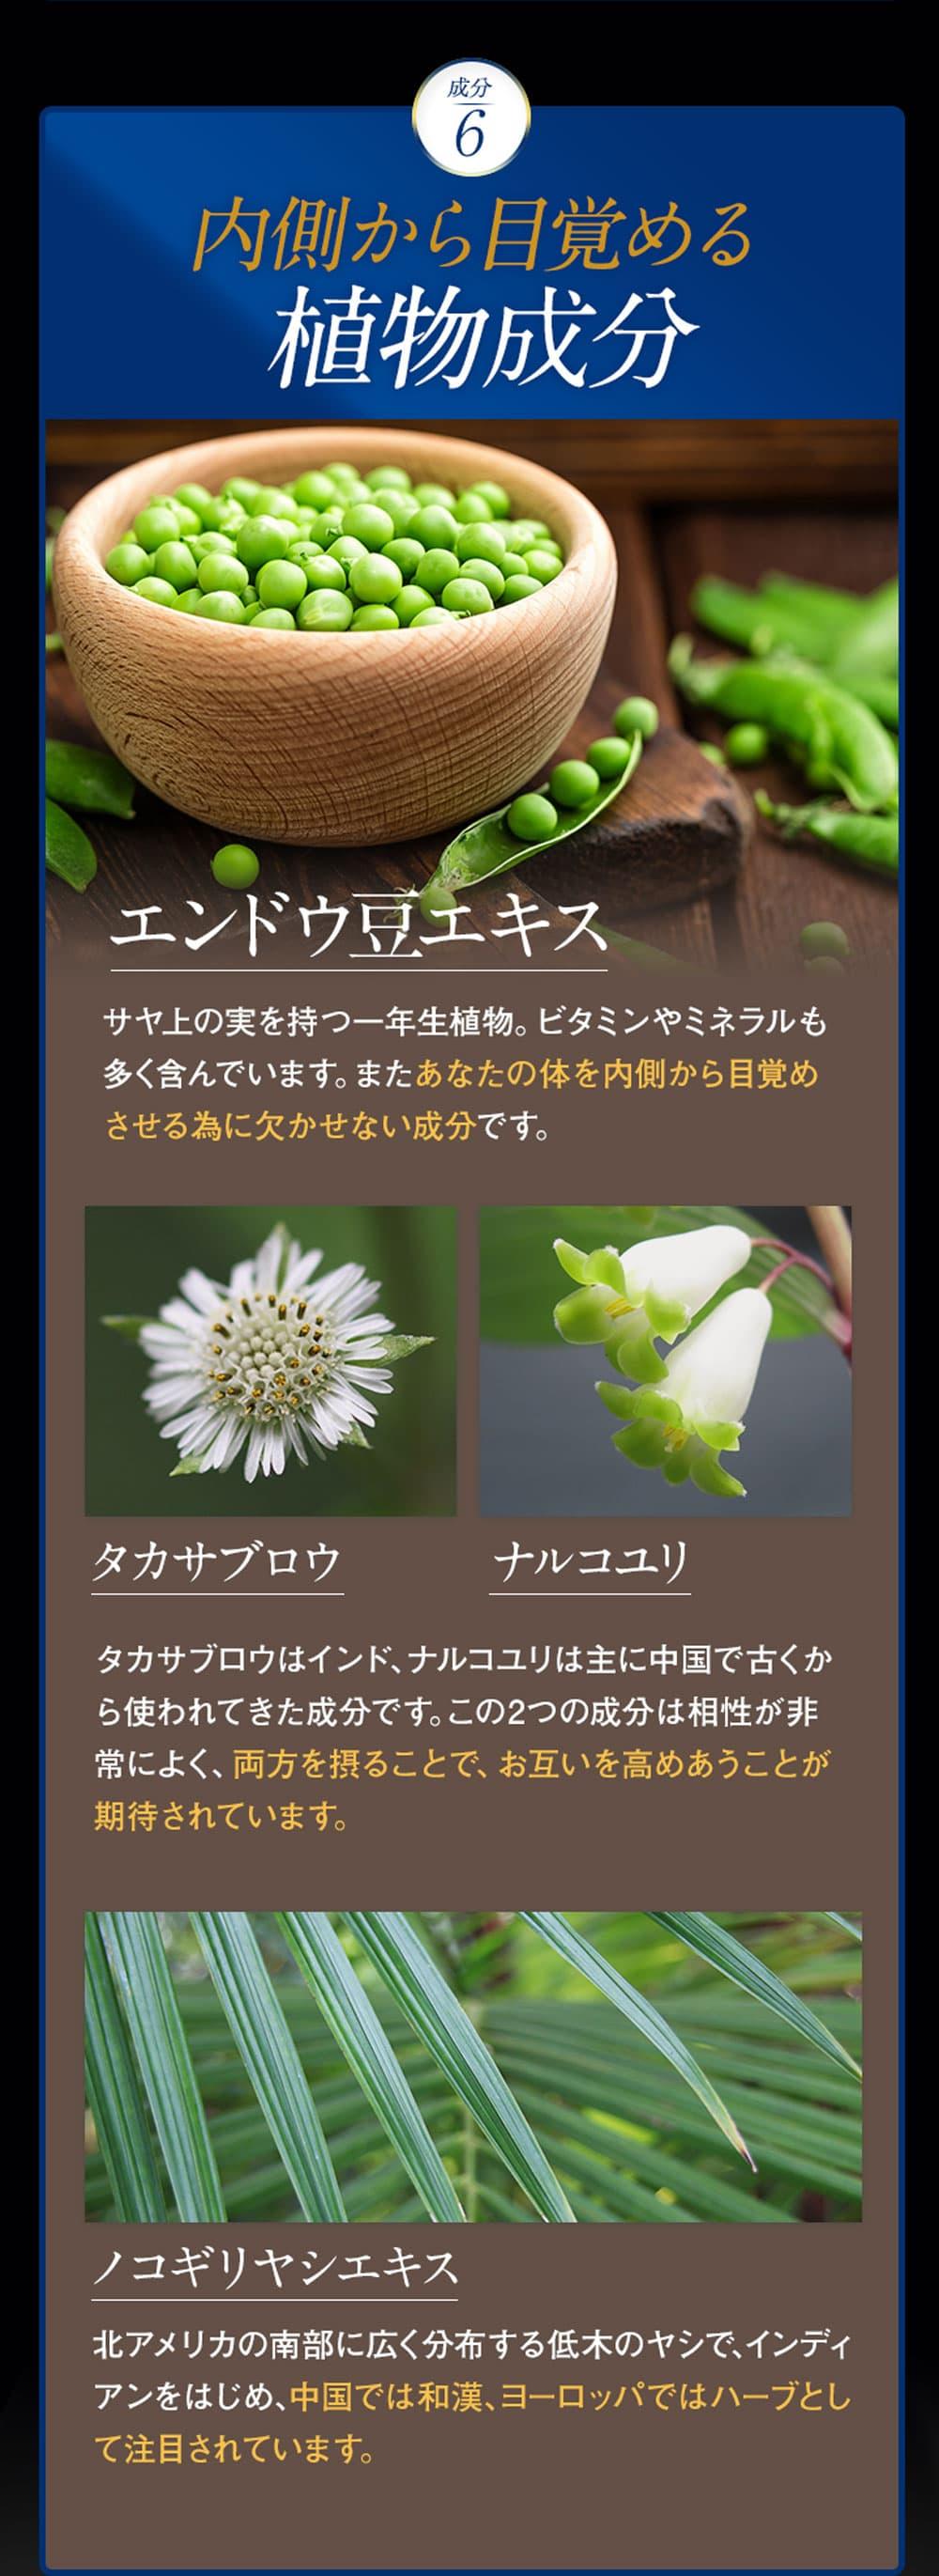 成分⑥植物成分